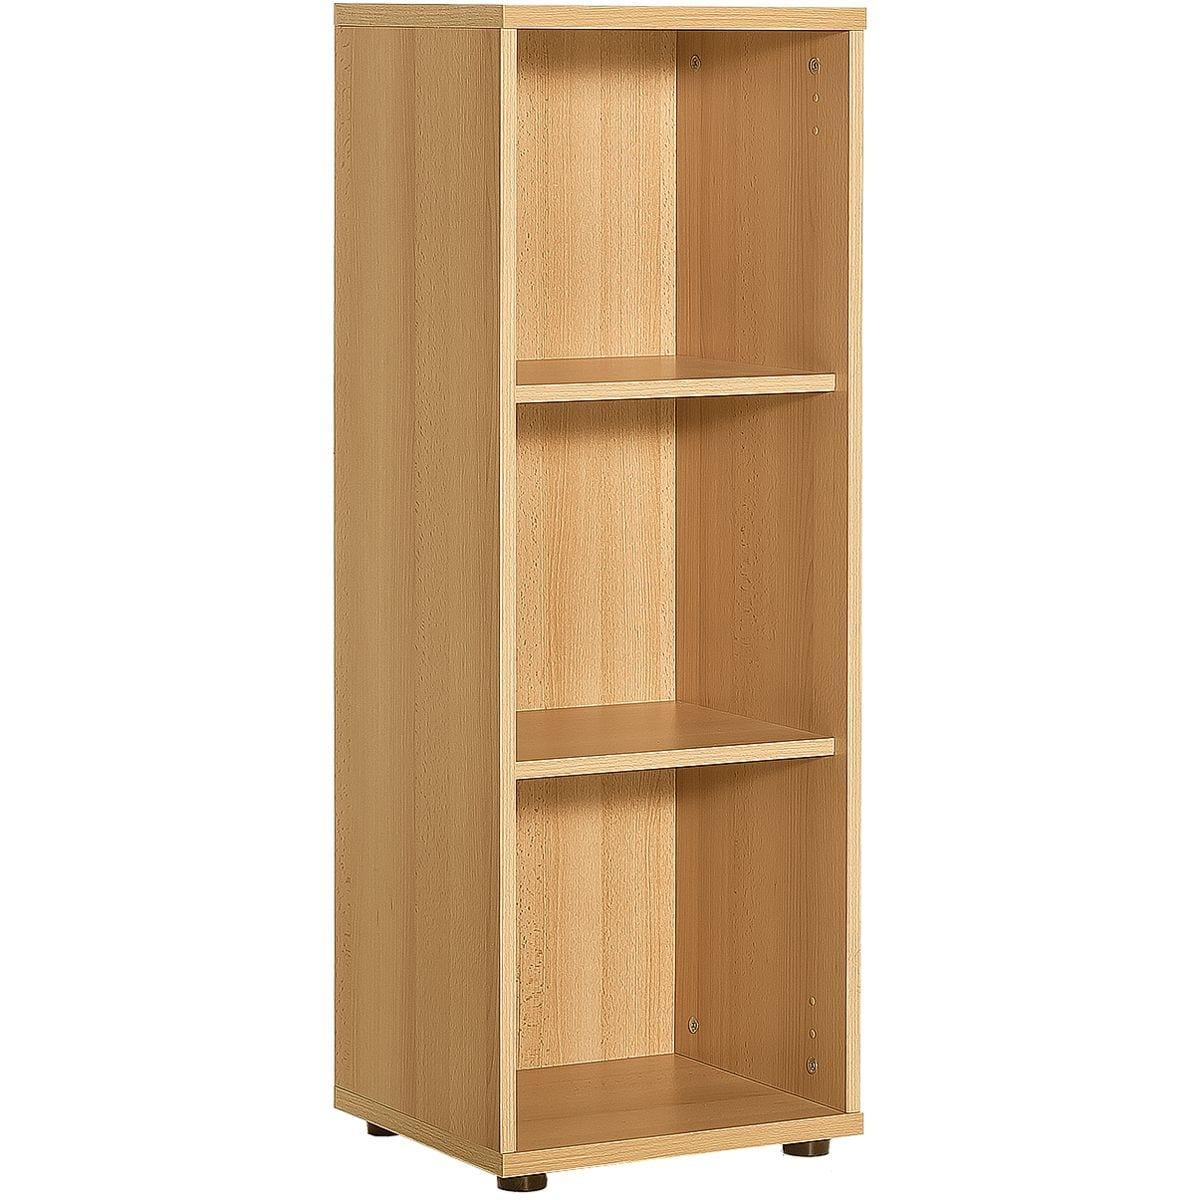 schomburg aktenregal riga 40 cm schmal 3 oh bei otto office g nstig kaufen. Black Bedroom Furniture Sets. Home Design Ideas